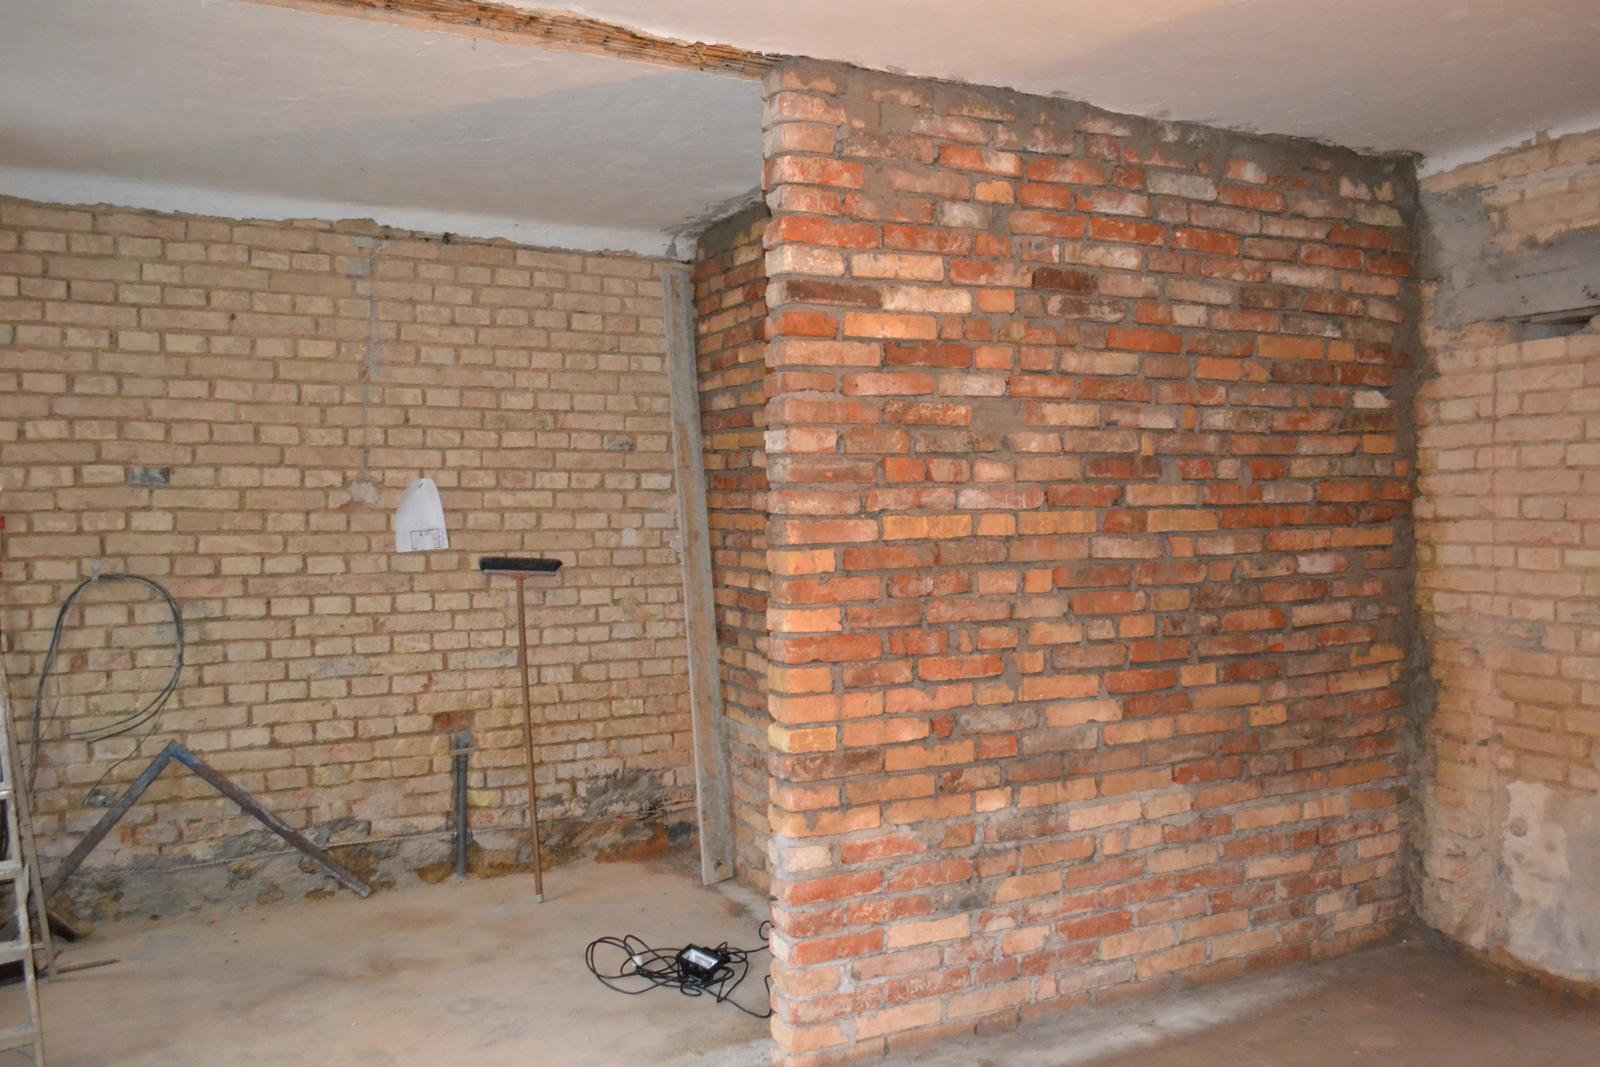 Domeček rekonstruujeme pro rodiče - Koupelna je dozděná 2.11. a vznikla kuchyňka - pohled z obýváku do kuchyně